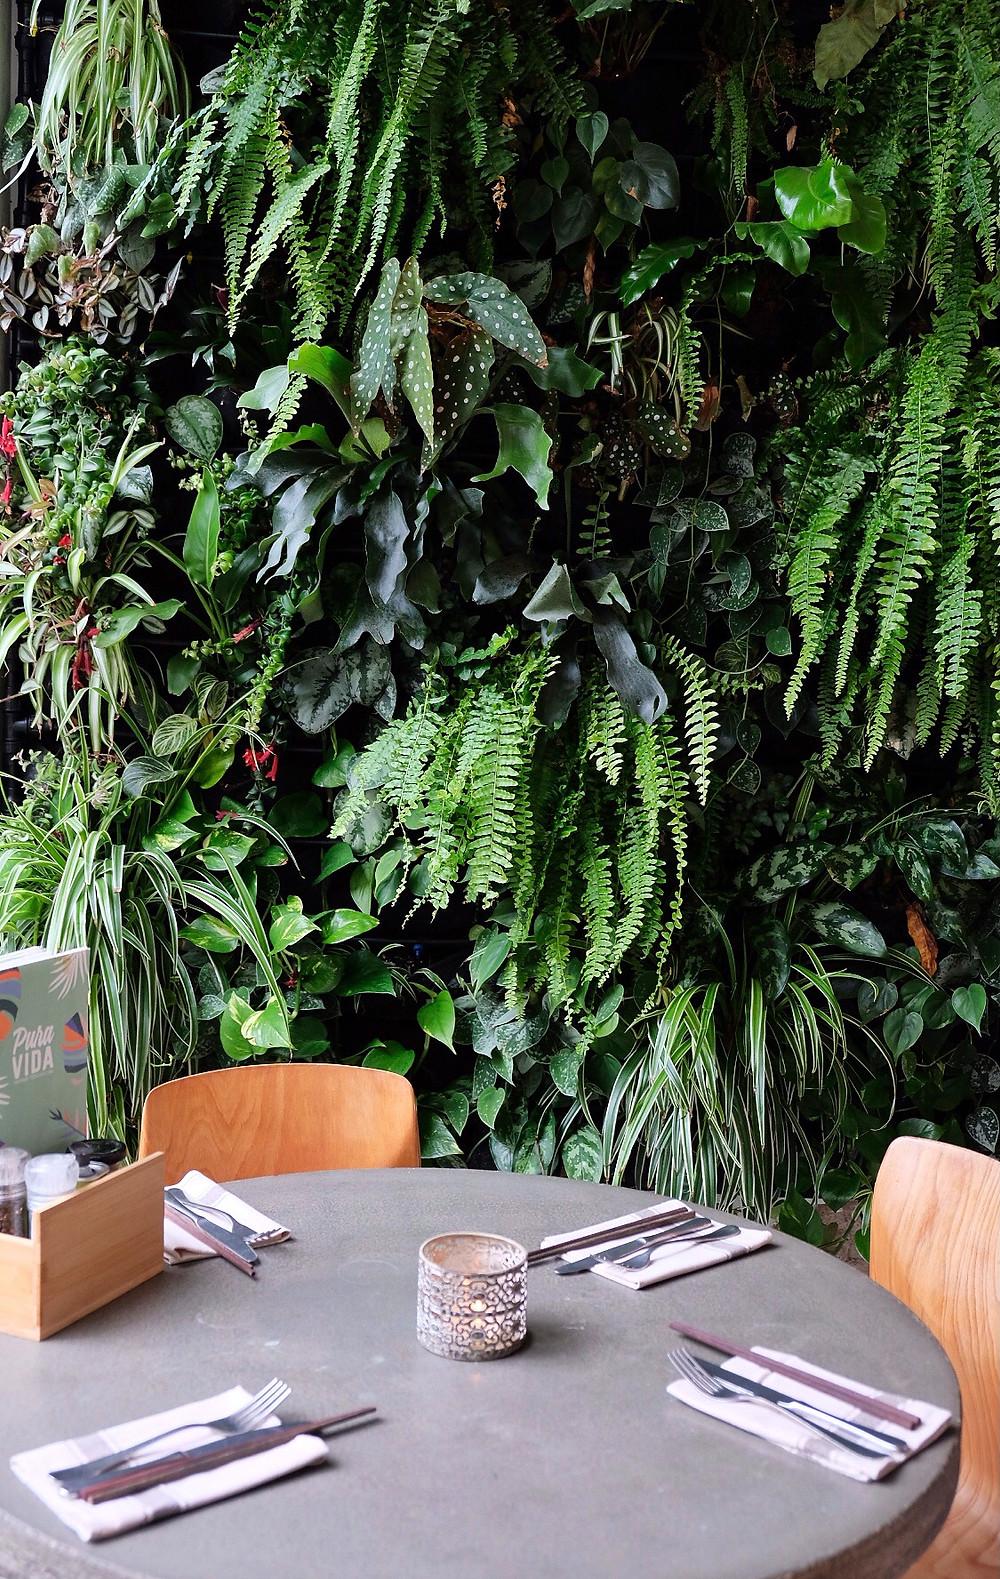 Green wall at 'Pura Vida Foodbar' Midsland Terschelling